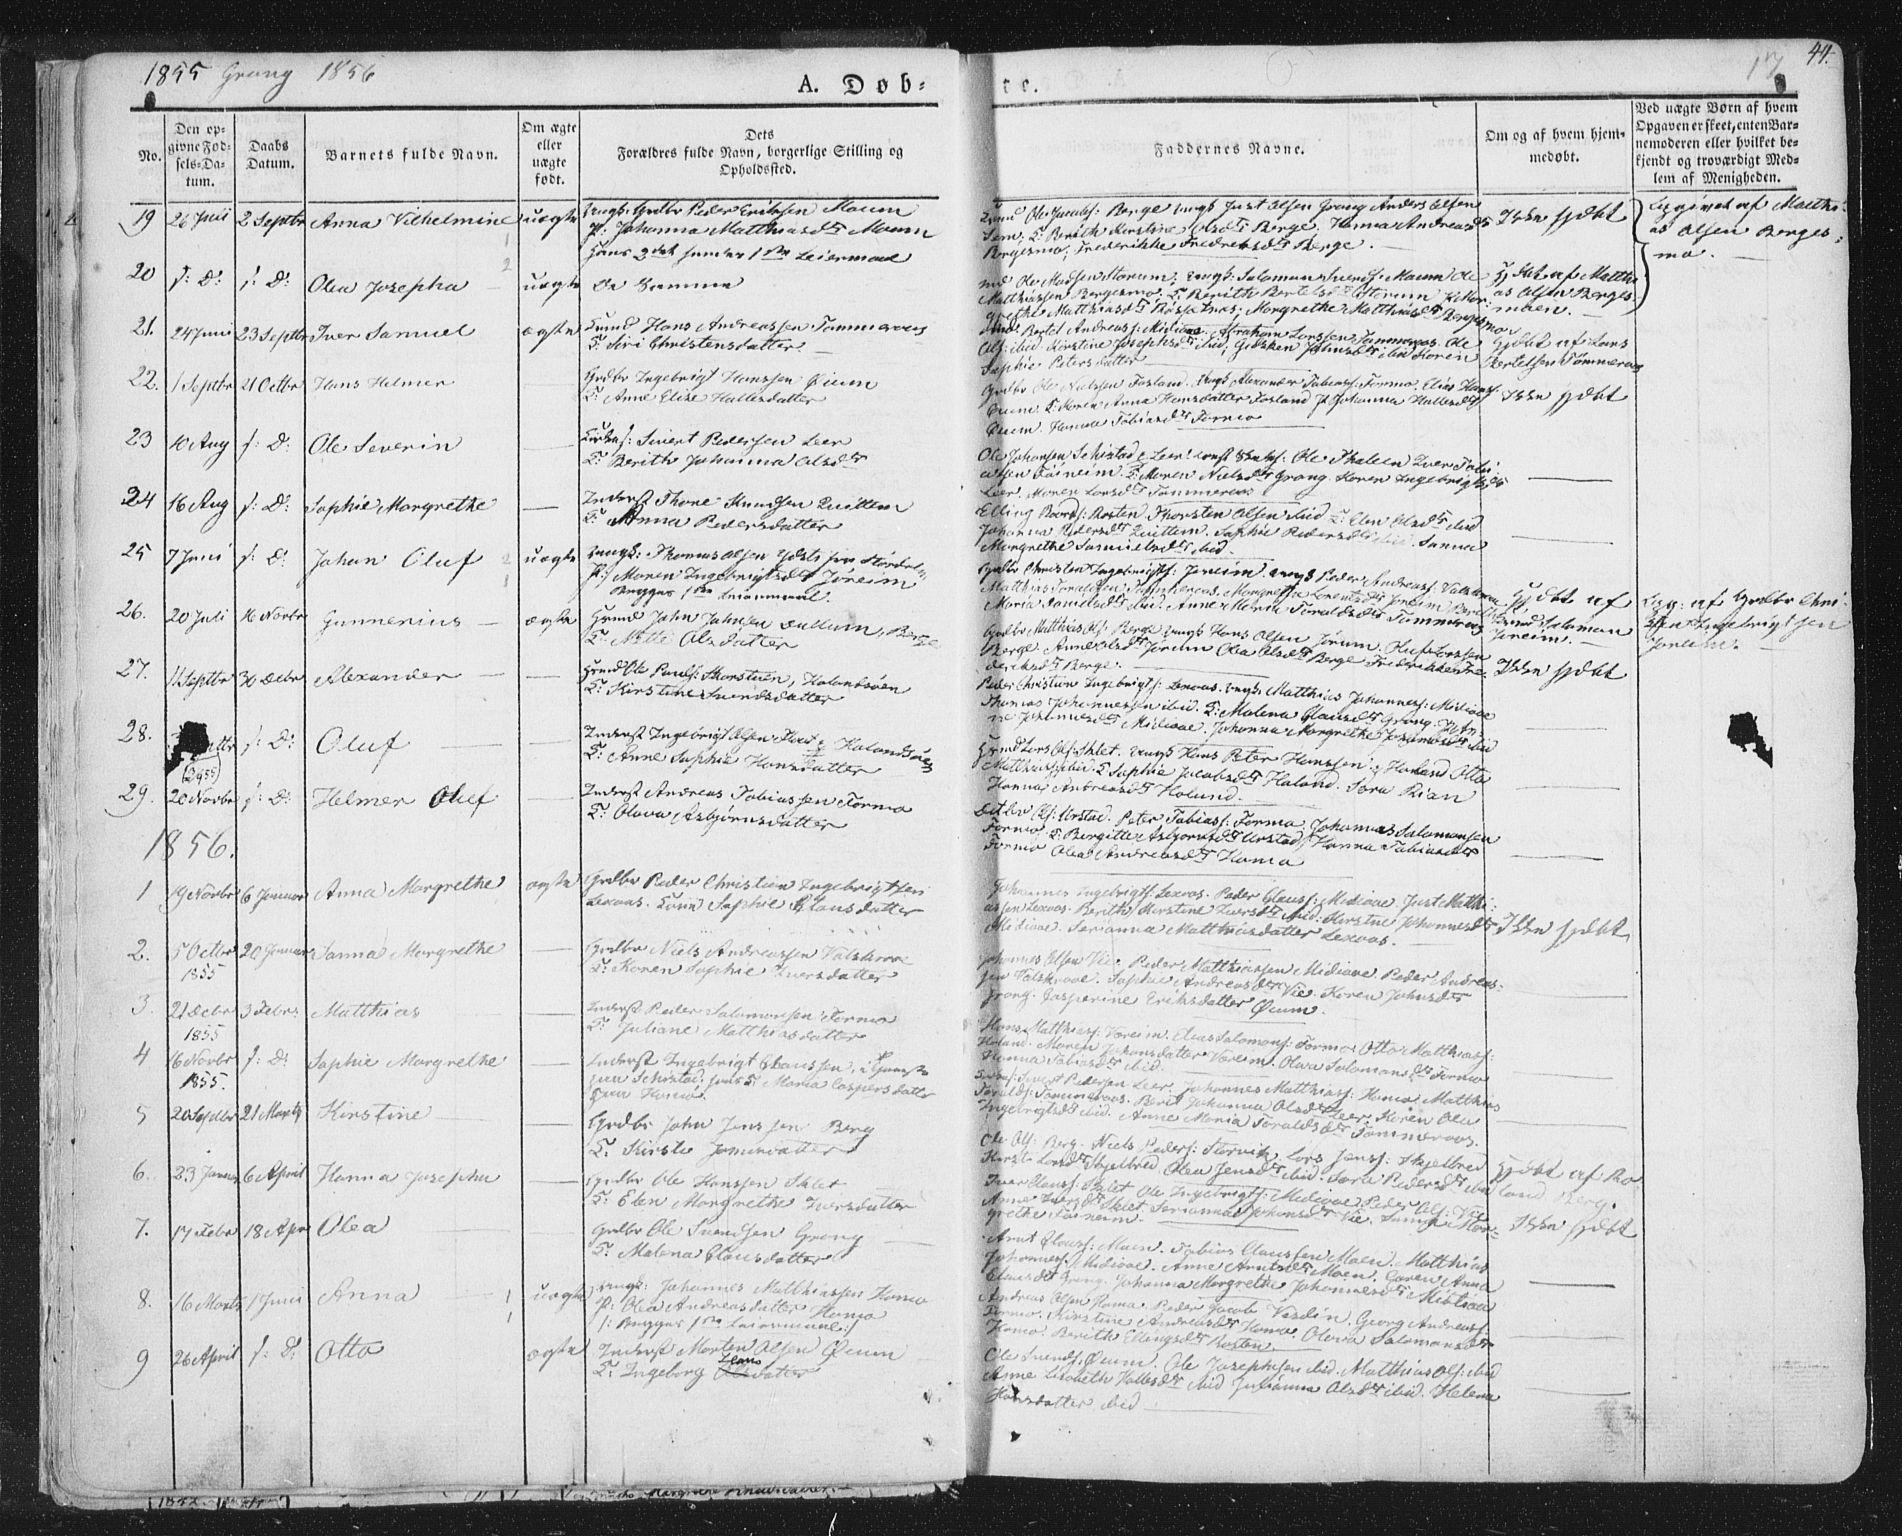 SAT, Ministerialprotokoller, klokkerbøker og fødselsregistre - Nord-Trøndelag, 758/L0513: Ministerialbok nr. 758A02 /1, 1839-1868, s. 17